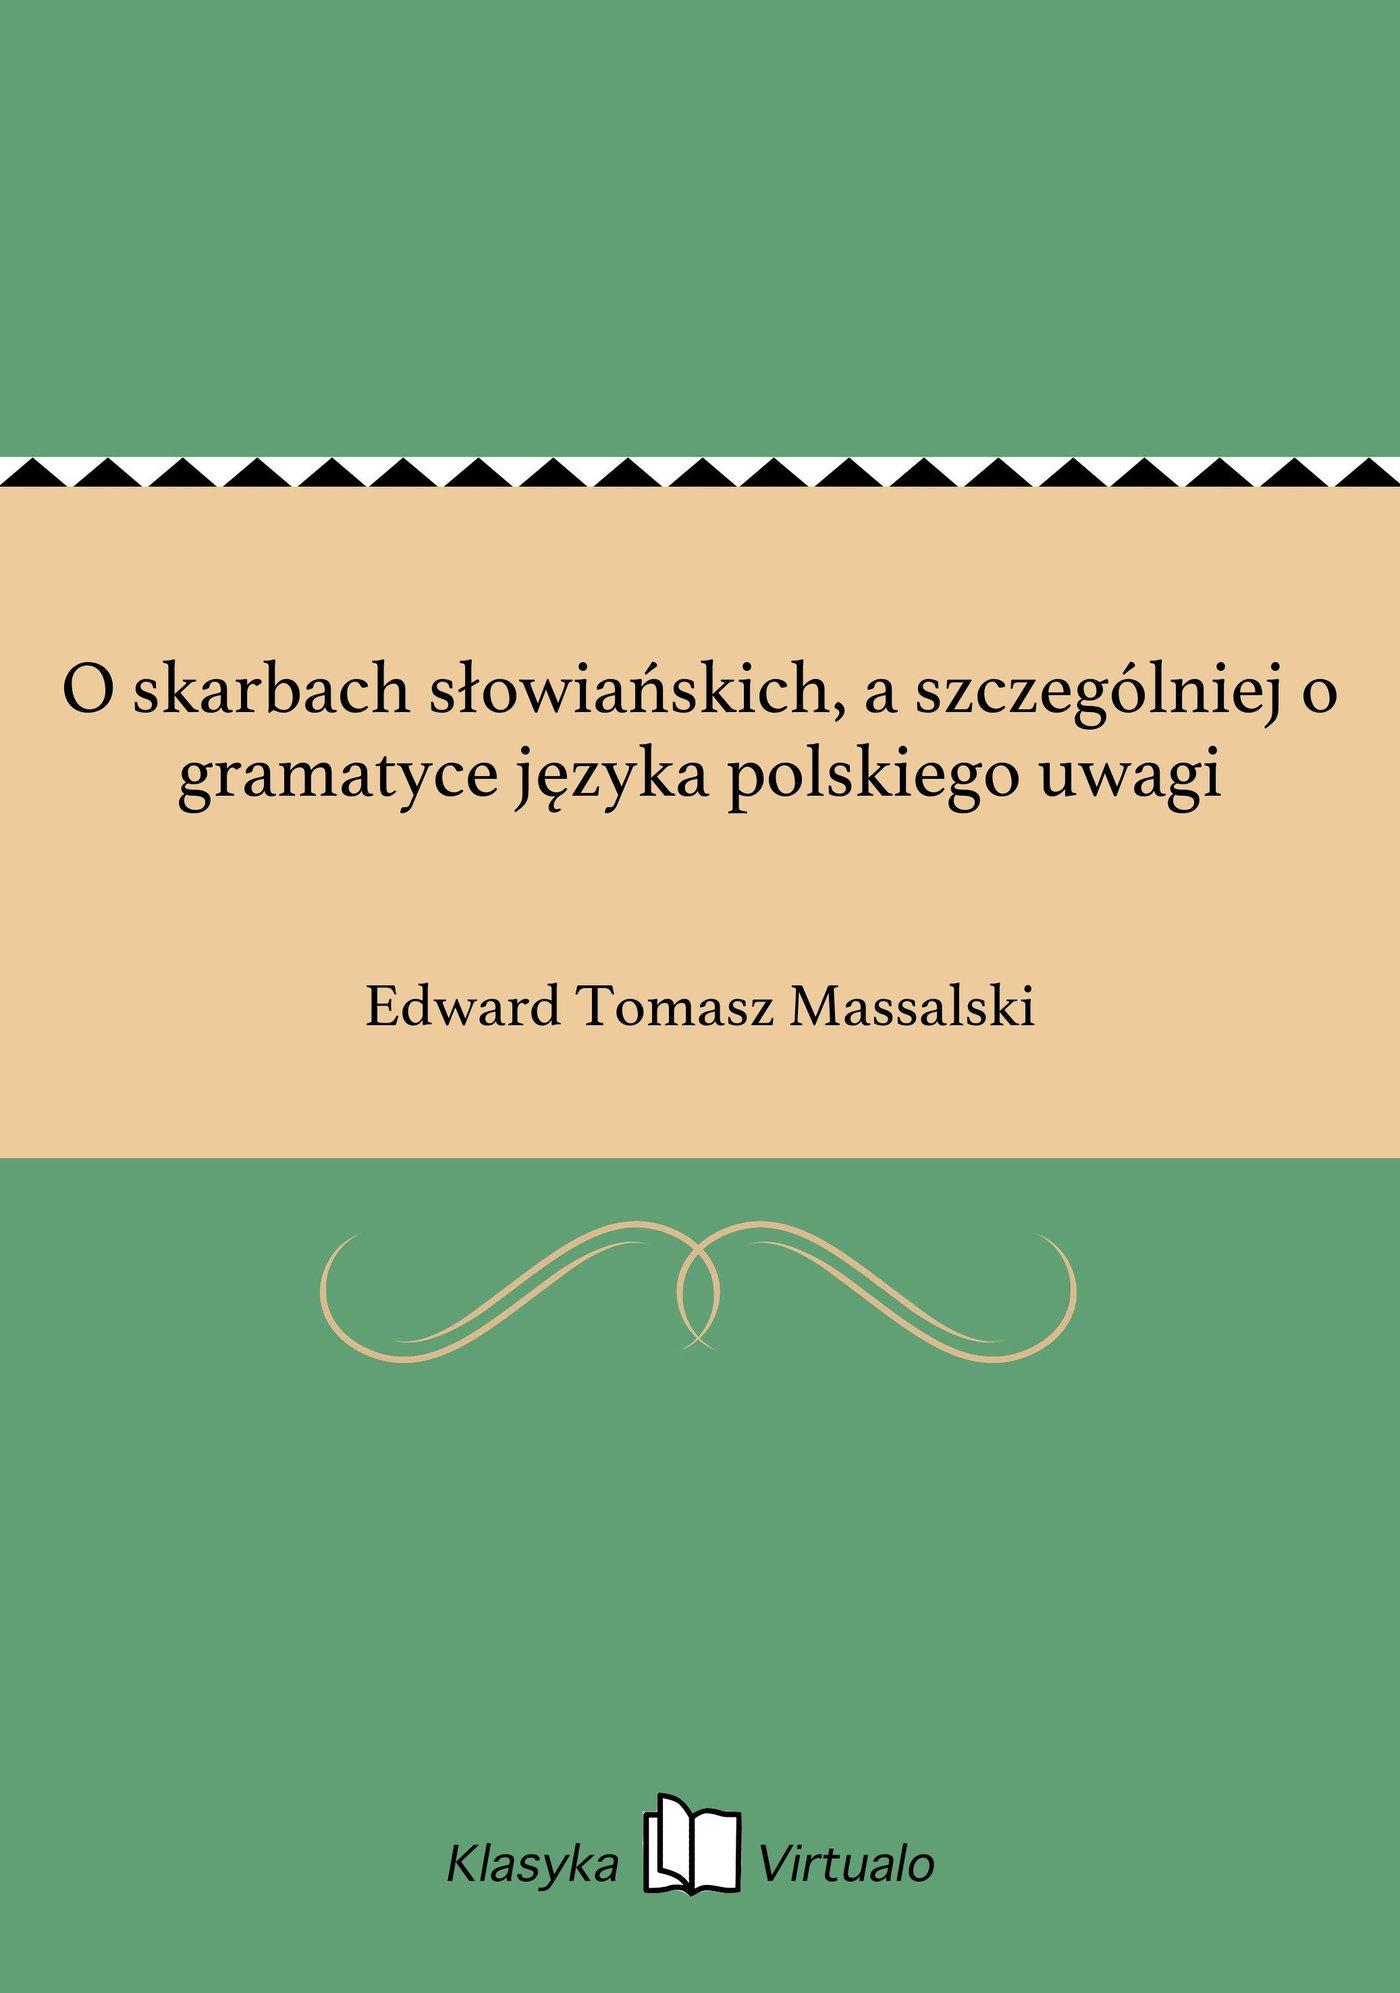 O skarbach słowiańskich, a szczególniej o gramatyce języka polskiego uwagi - Ebook (Książka EPUB) do pobrania w formacie EPUB